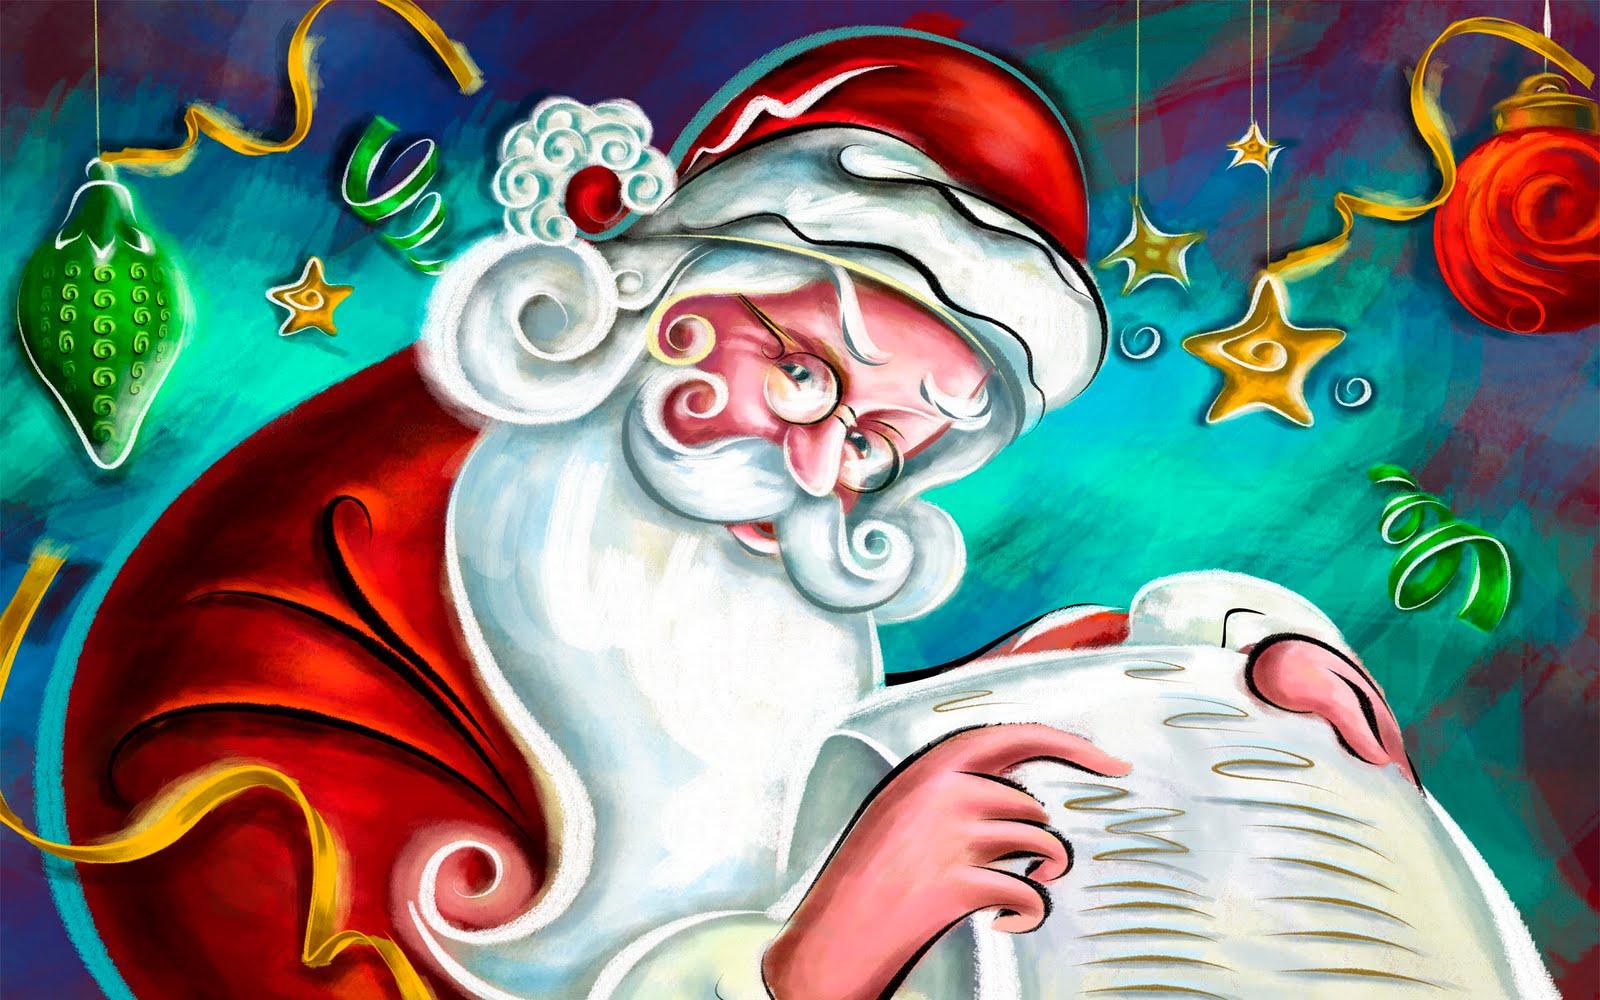 Bo i in novo leto bo i na ozadja for Natale immagini per desktop